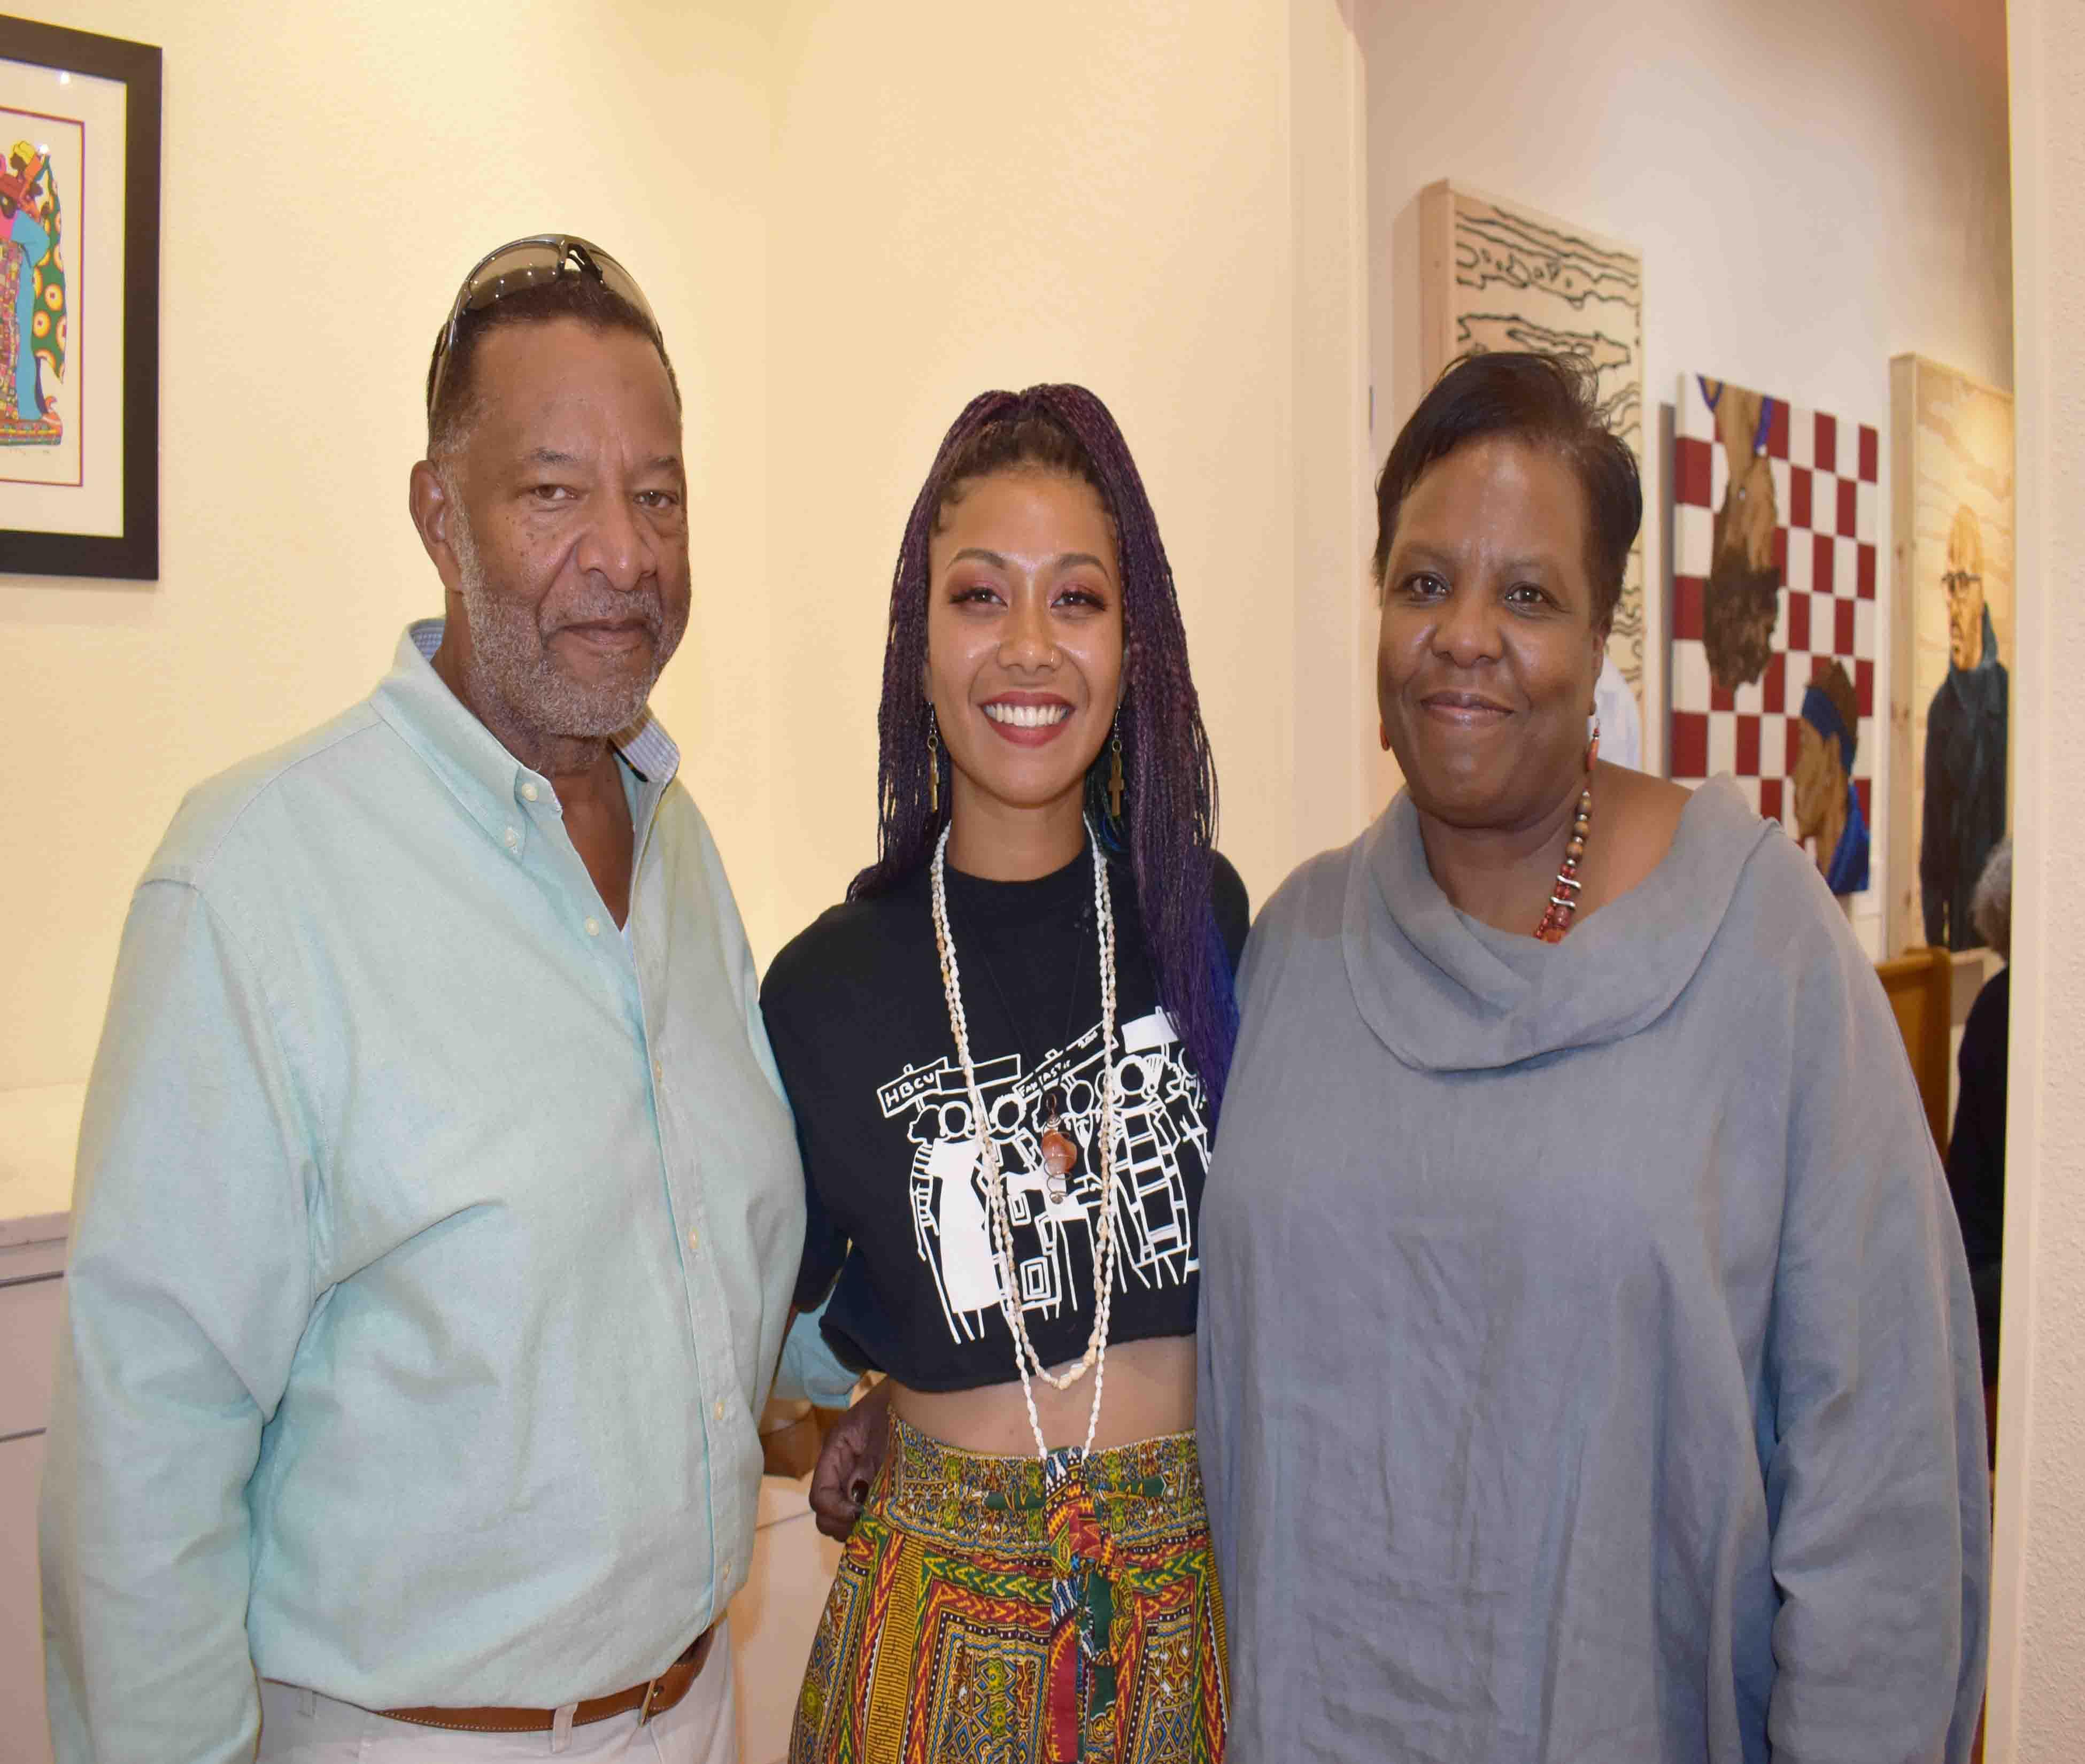 Darryl Finney, Seidah Muhammad (Austin, TX), Becky Finney